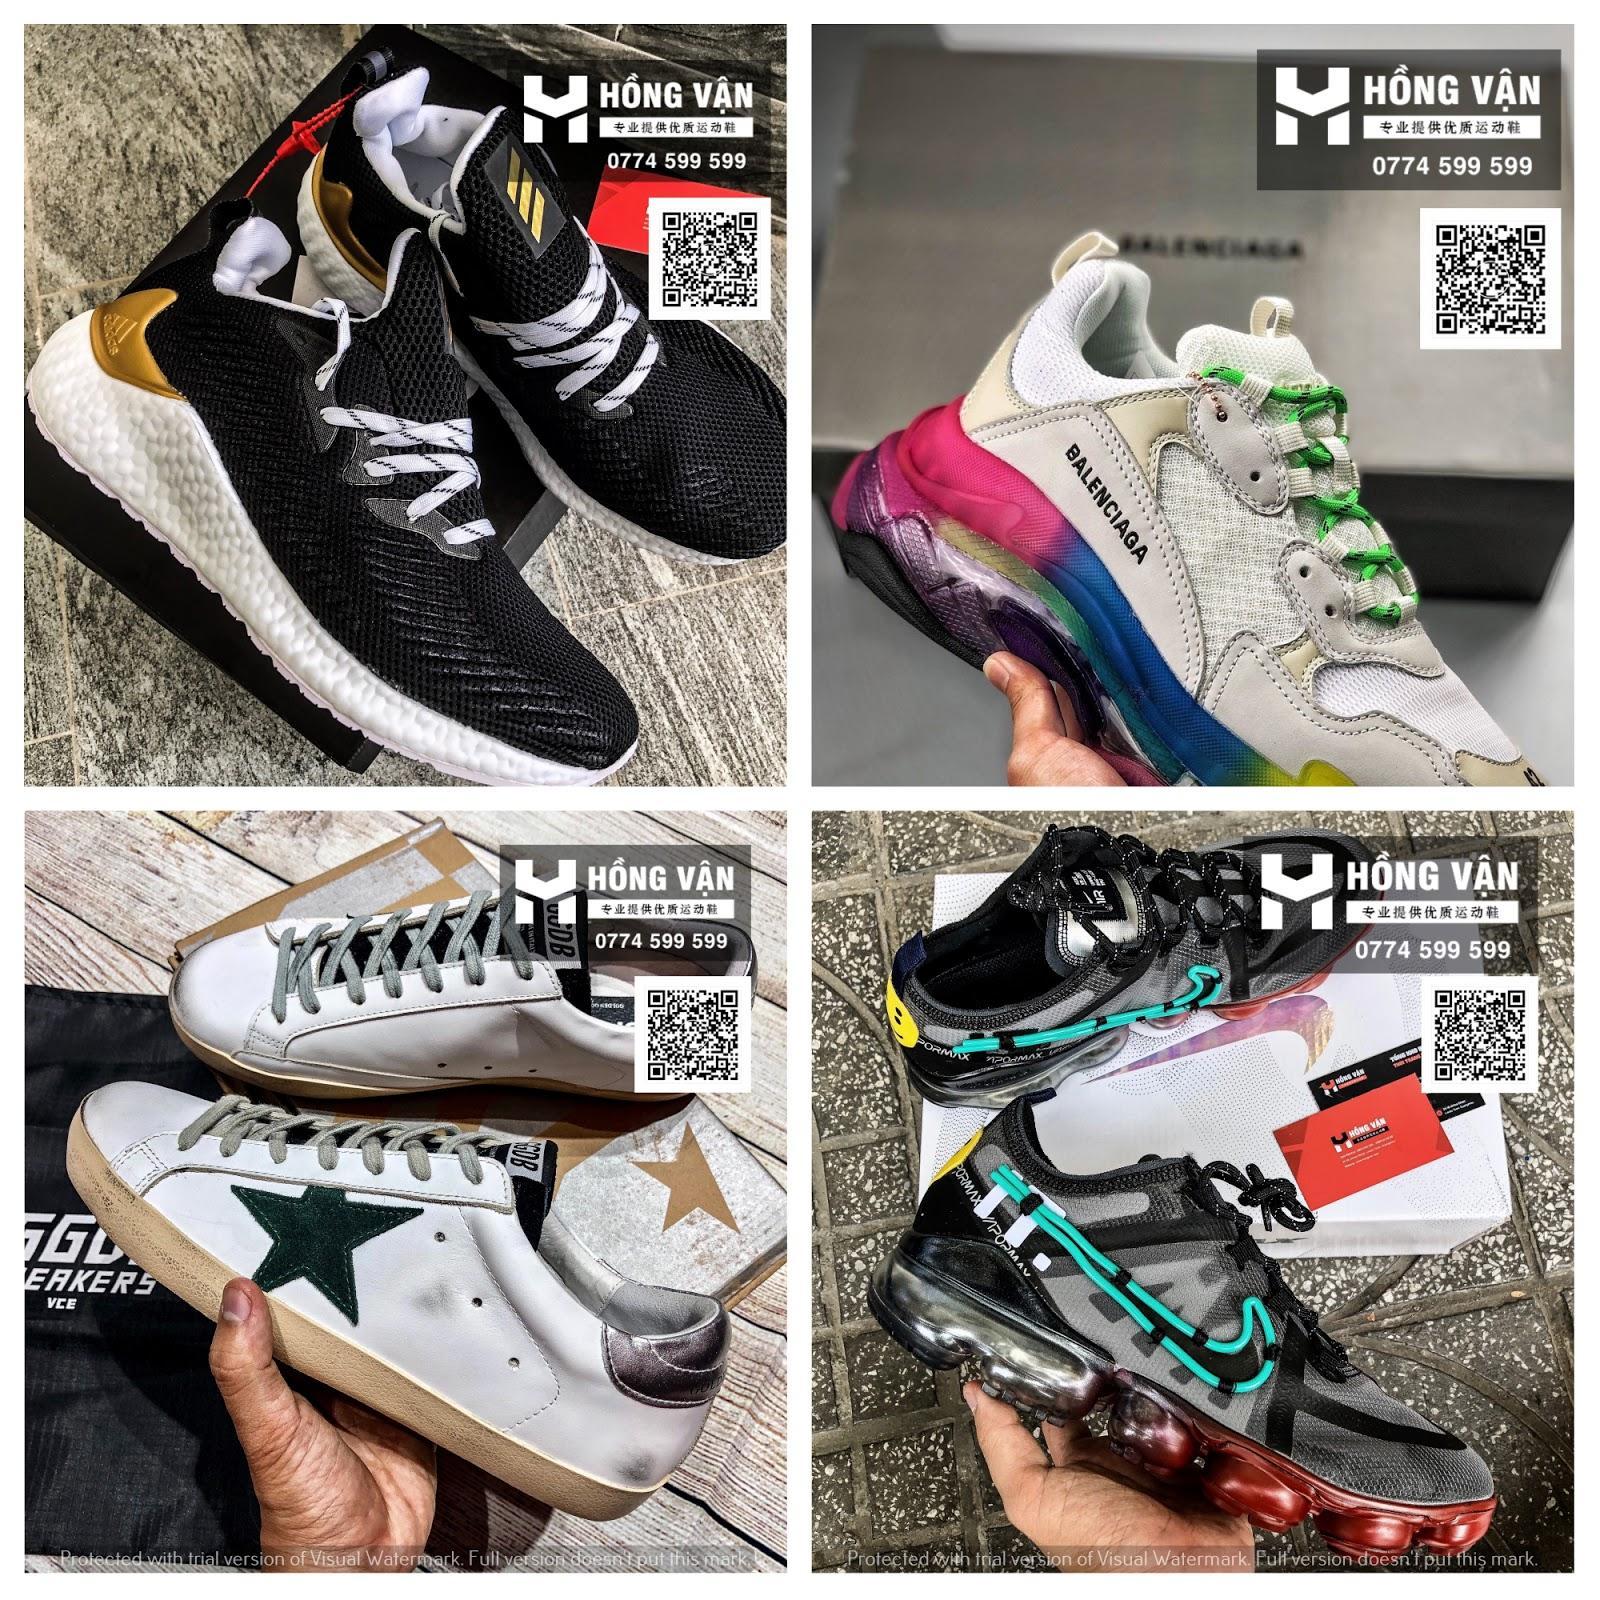 Nguồn hàng sỉ giày thể thao Sf, rep, rep 1:1 chuẩn chất lượng , uy tín - 5